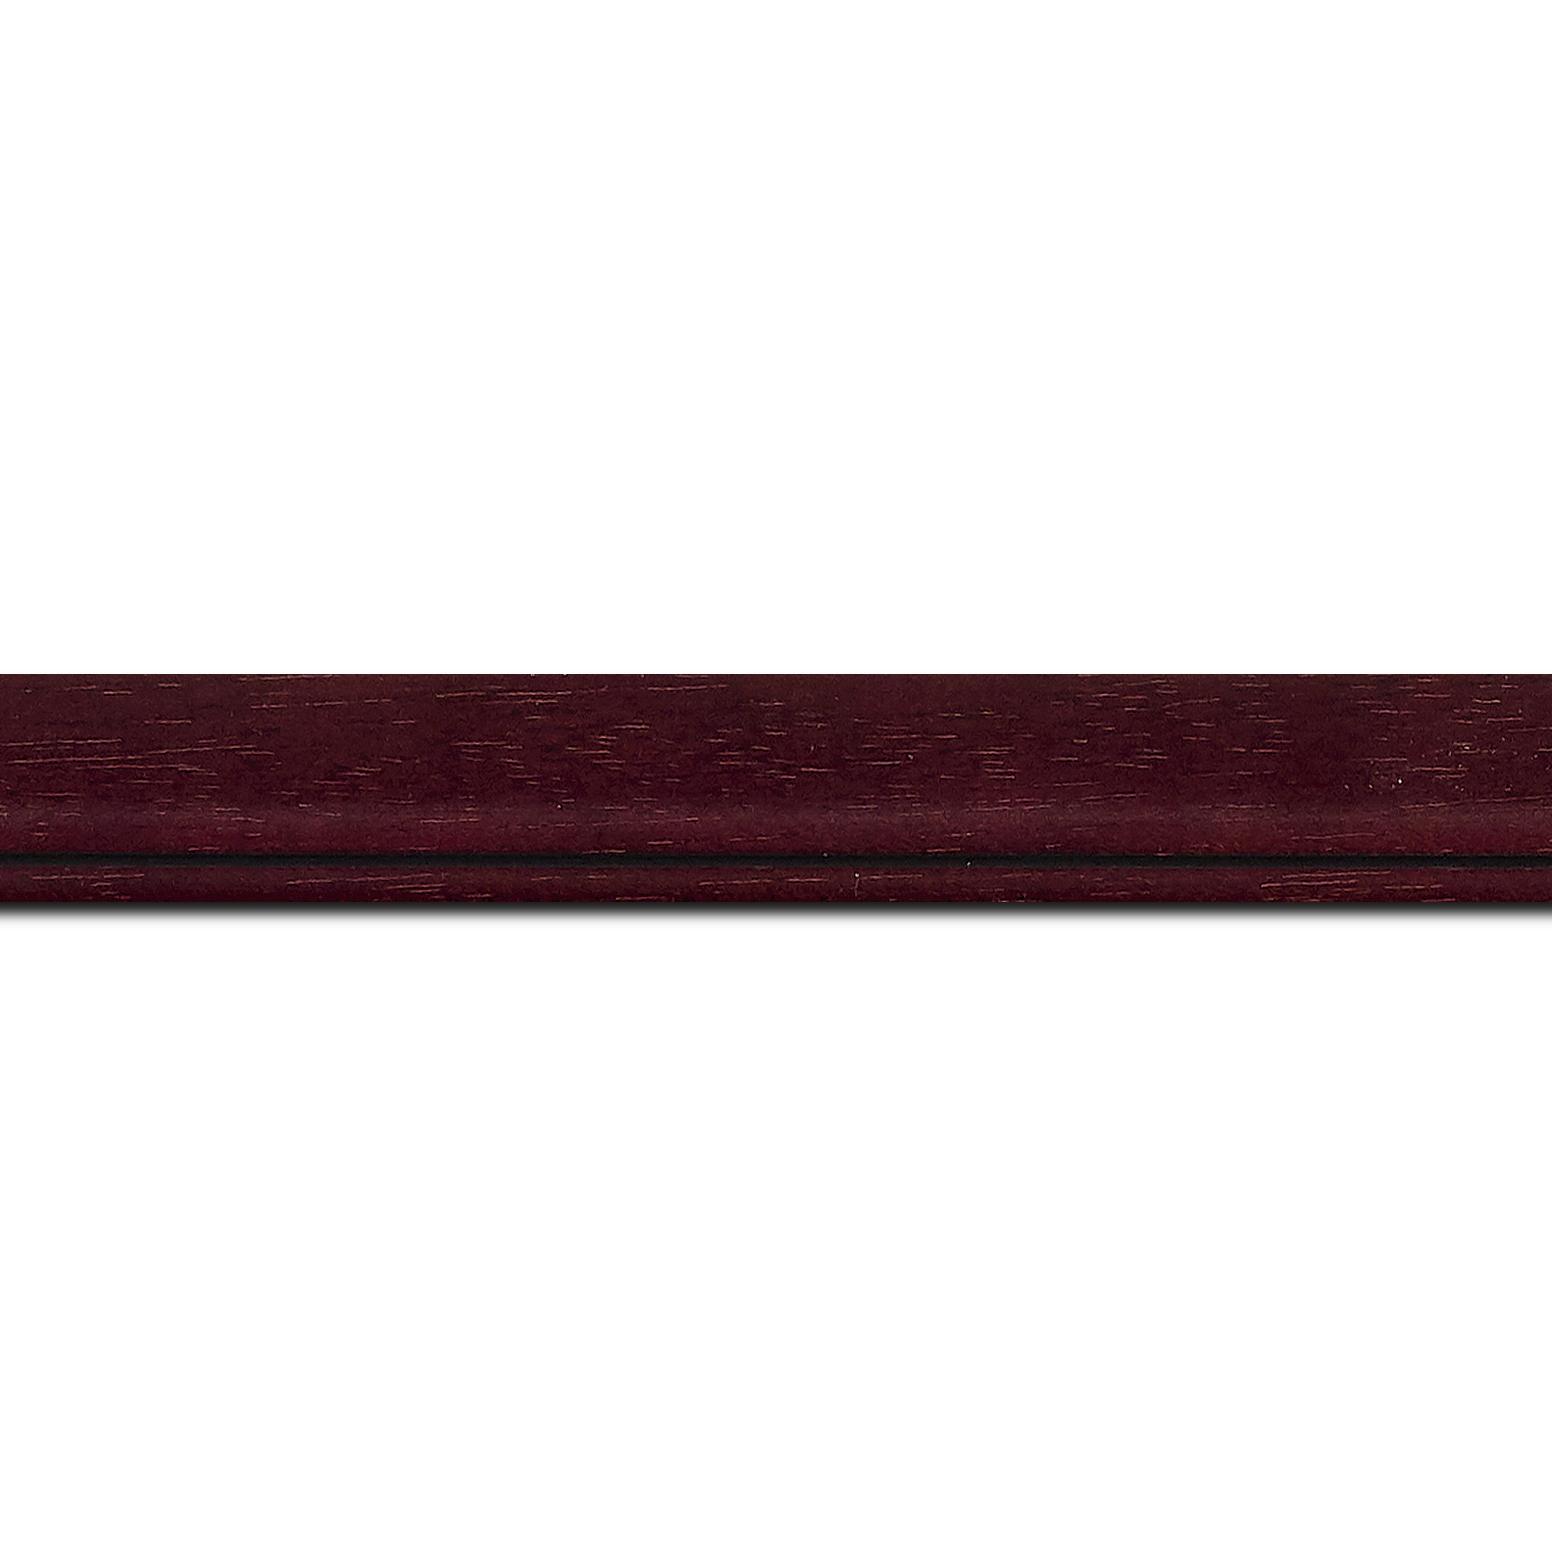 Pack par 12m, bois profil bombé largeur 2.4cm couleur bordeaux lie de vin filet noir (longueur baguette pouvant varier entre 2.40m et 3m selon arrivage des bois)